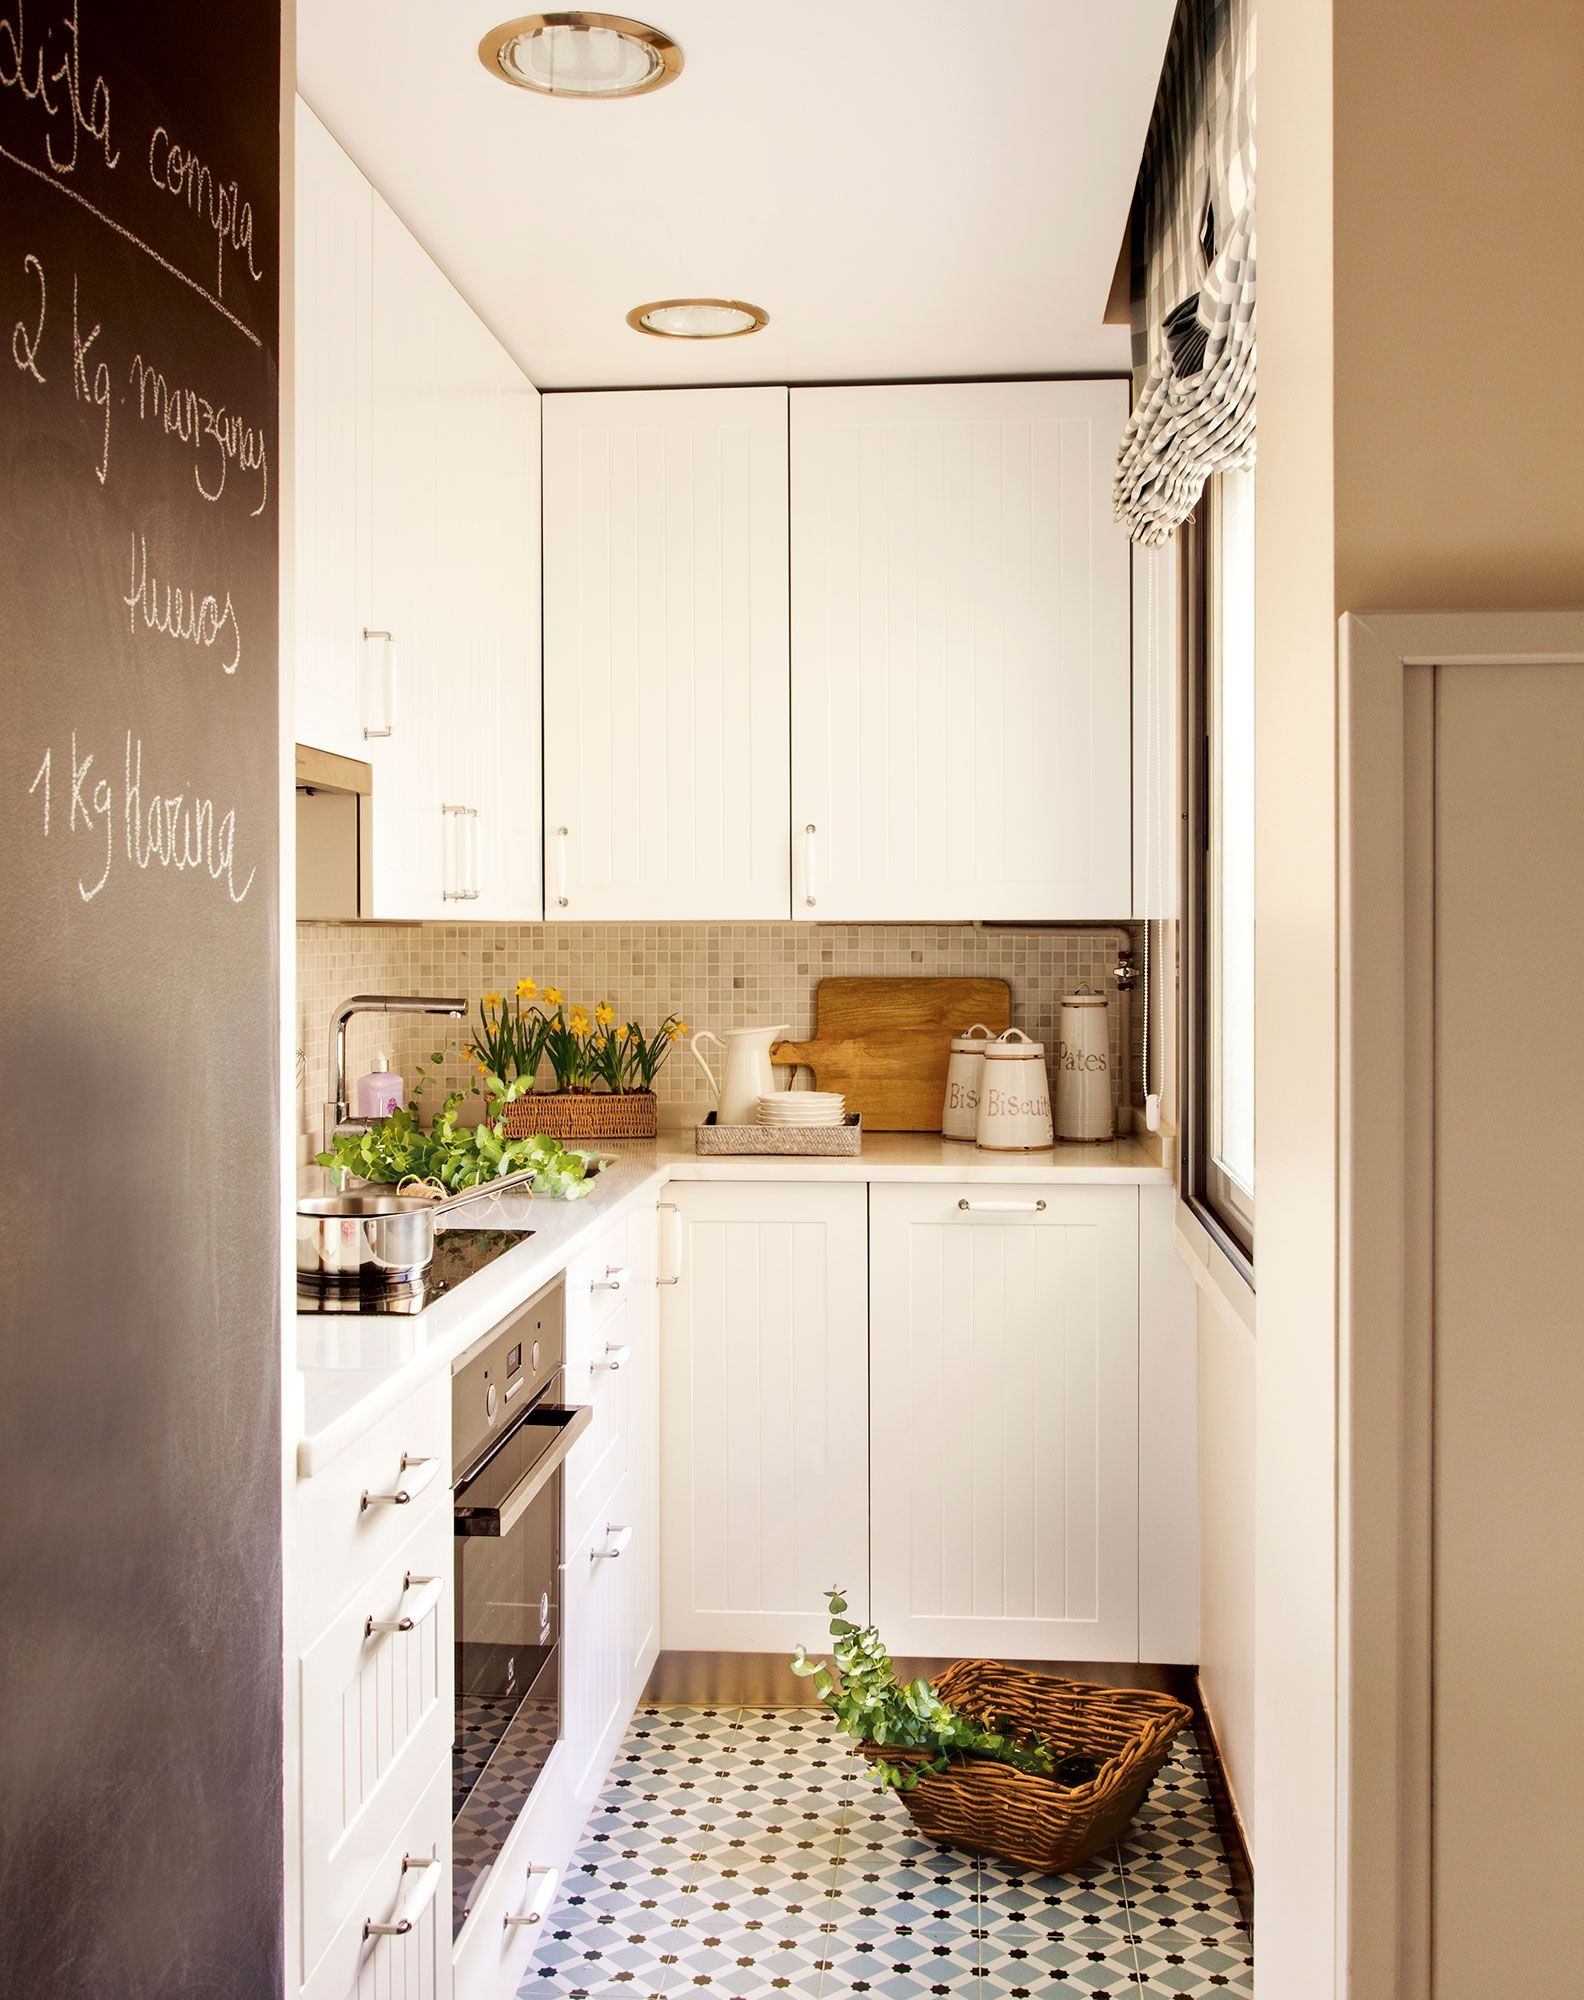 Ideas para aprovechar el espacio en las cocinas pequeñas | cocina ...